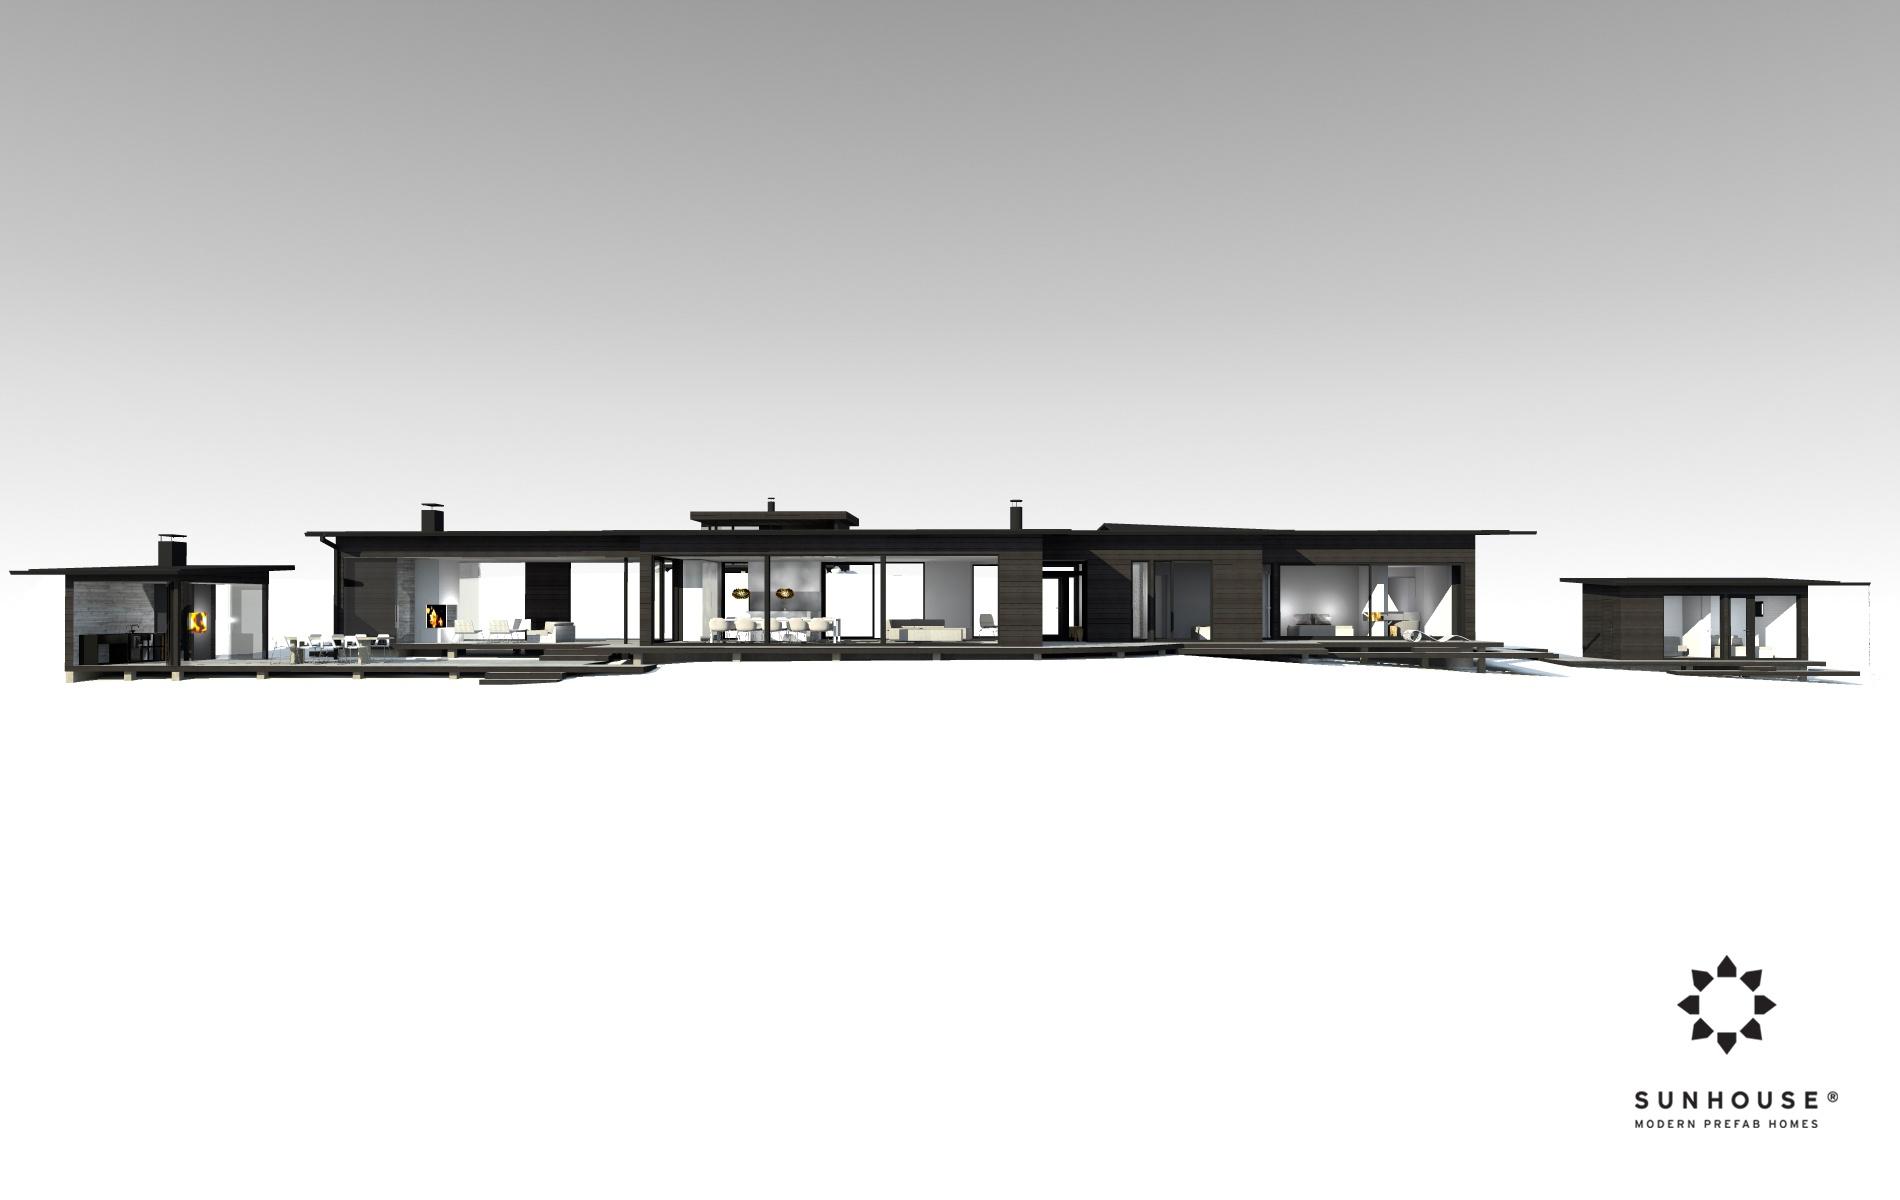 Sunhouse S1412 - Moderni vapaa-ajan asunto-16